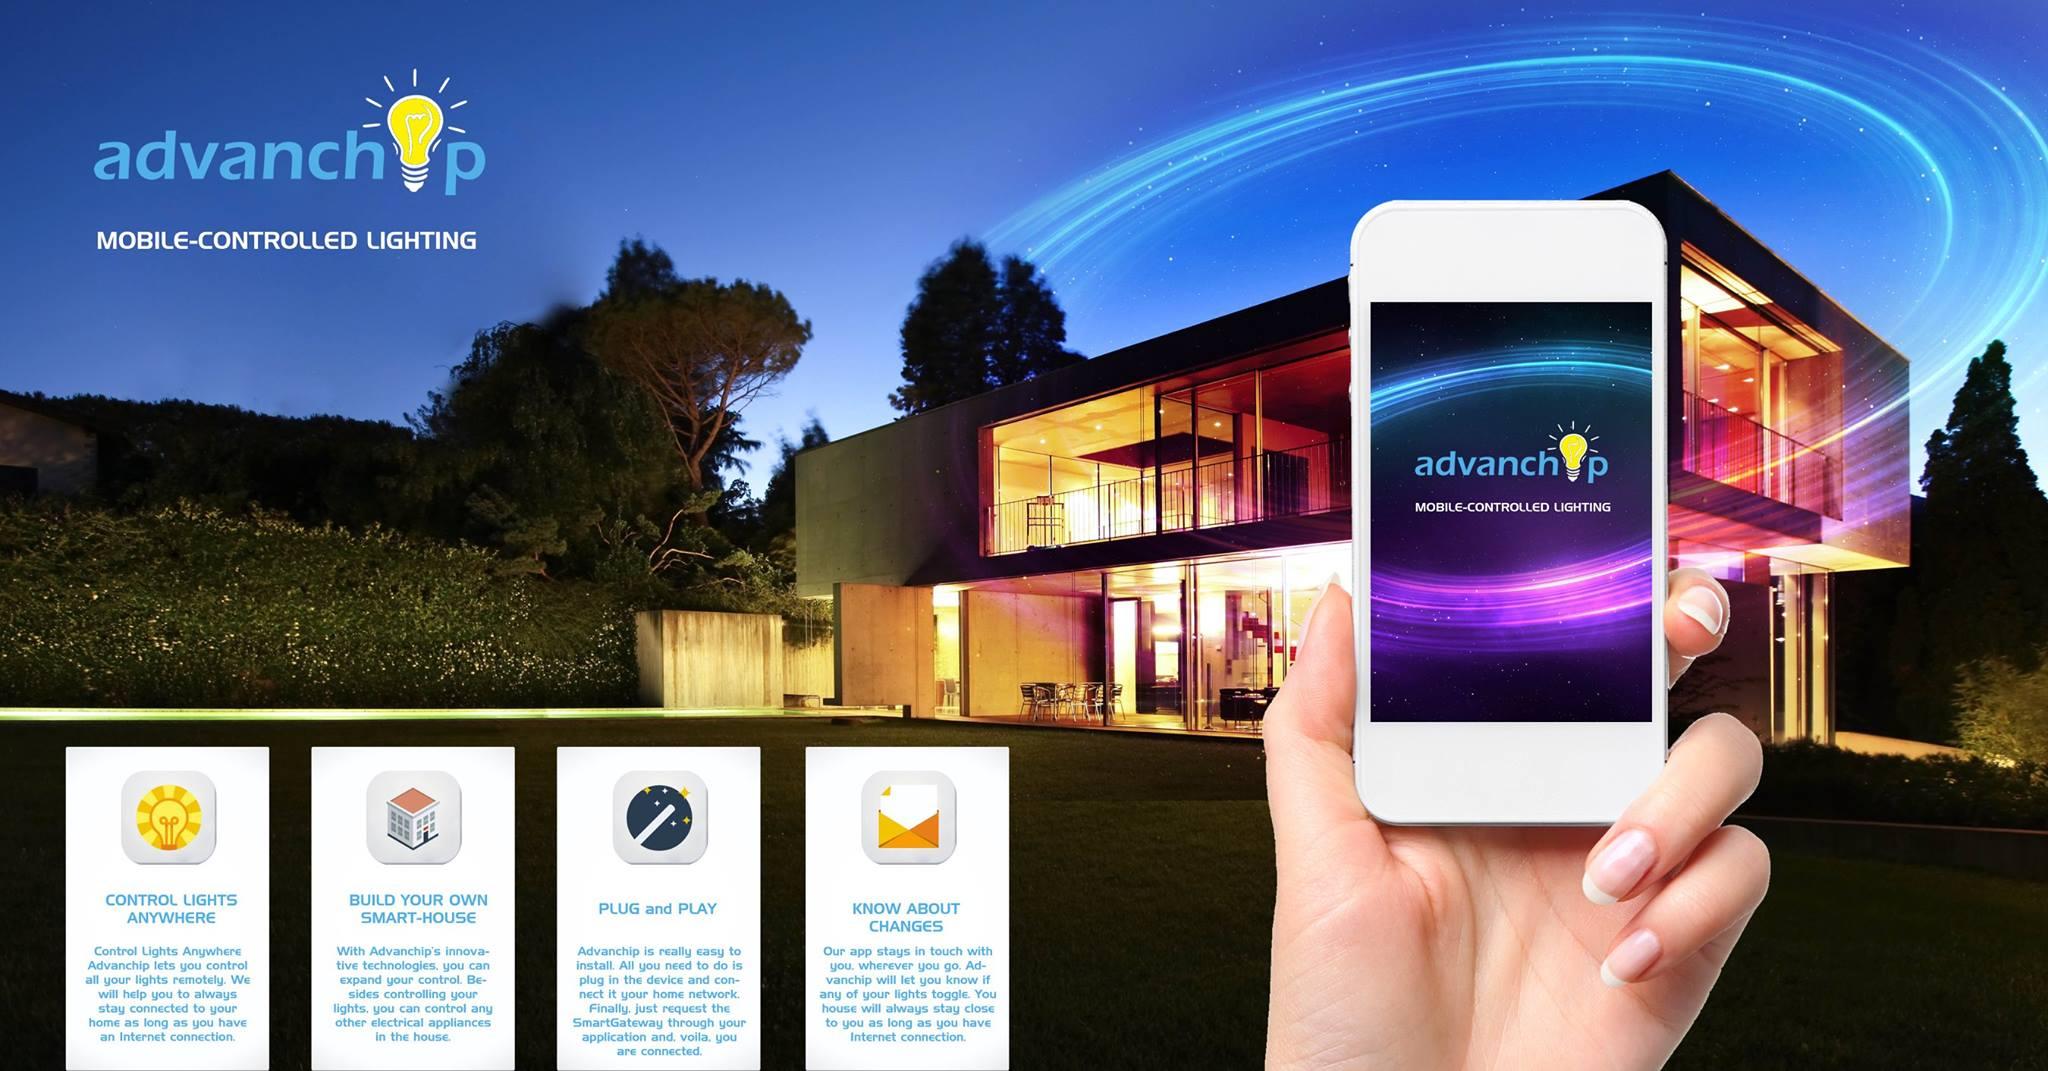 AdvanChip Mobile Light